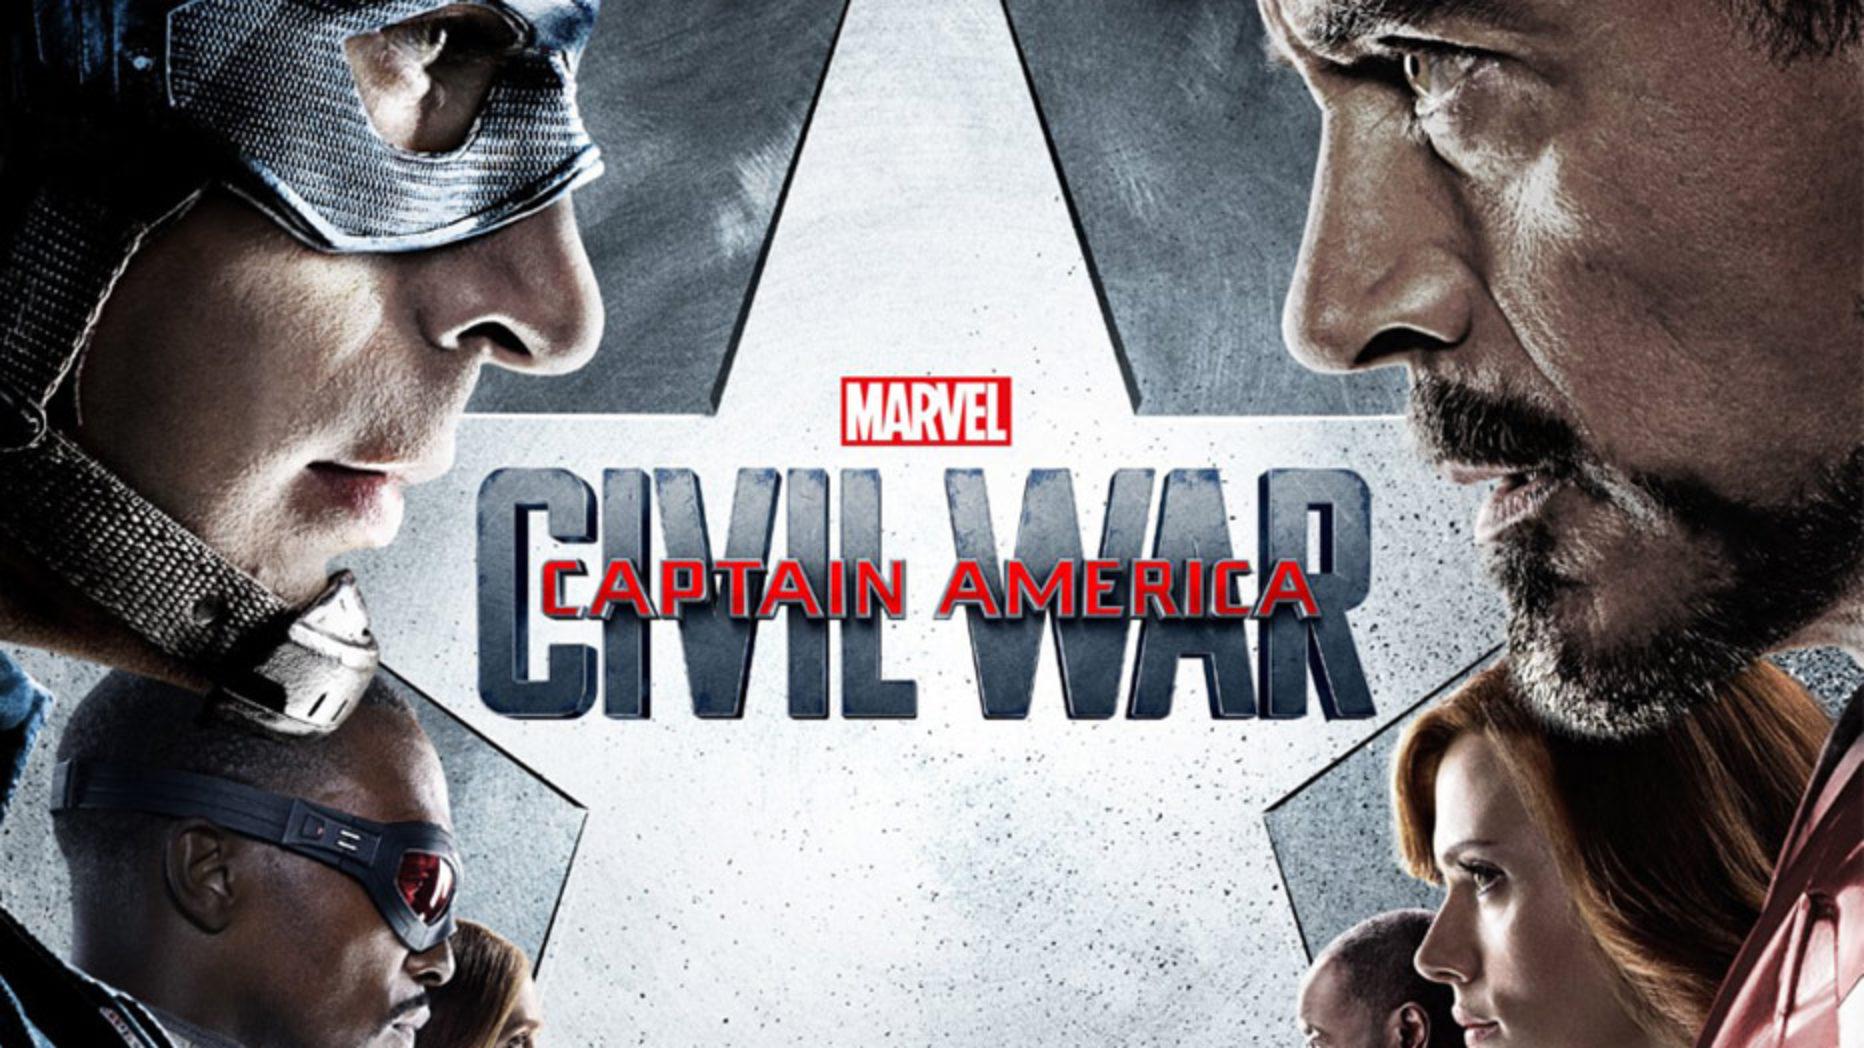 [Spoiler Free] Captain America: Civil War Review – IMAX 3D